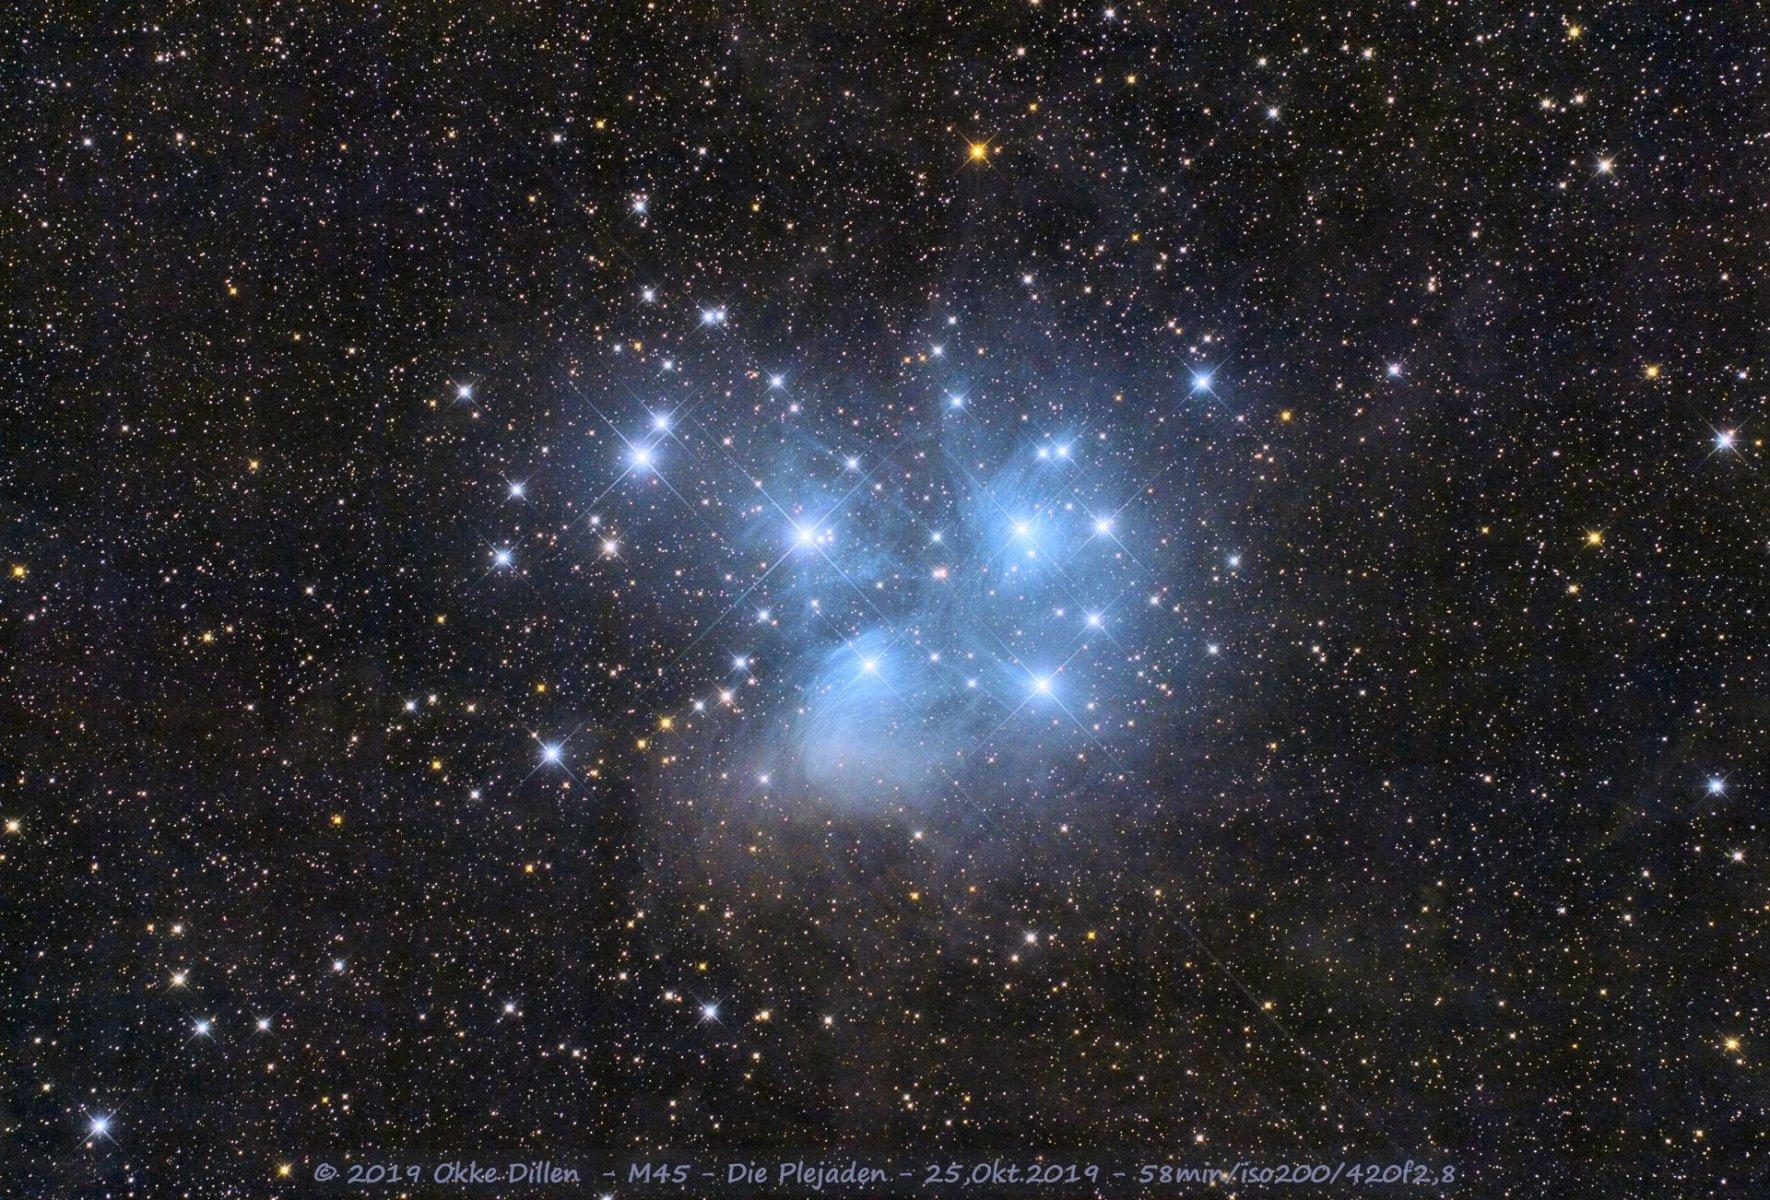 M45 20191025_150f2,8_58m_rotp_fhdfcp.jpg